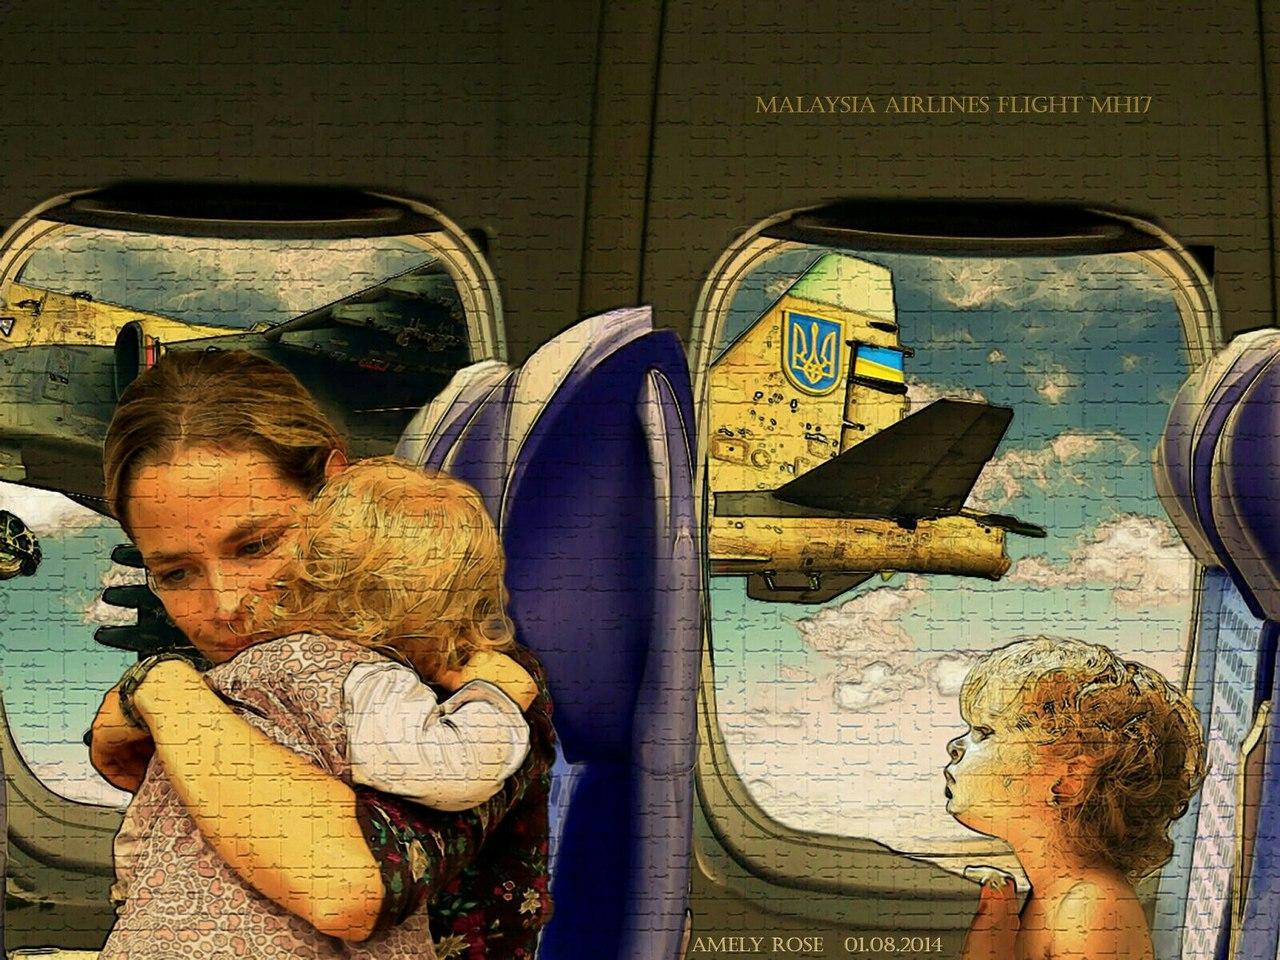 Представители Австралии, Бельгии, Нидерландов, Малайзии и Украины сделали заявление по случаю второй годовщины крушения самолета MH17 Malaysia Airlines. - Цензор.НЕТ 7973